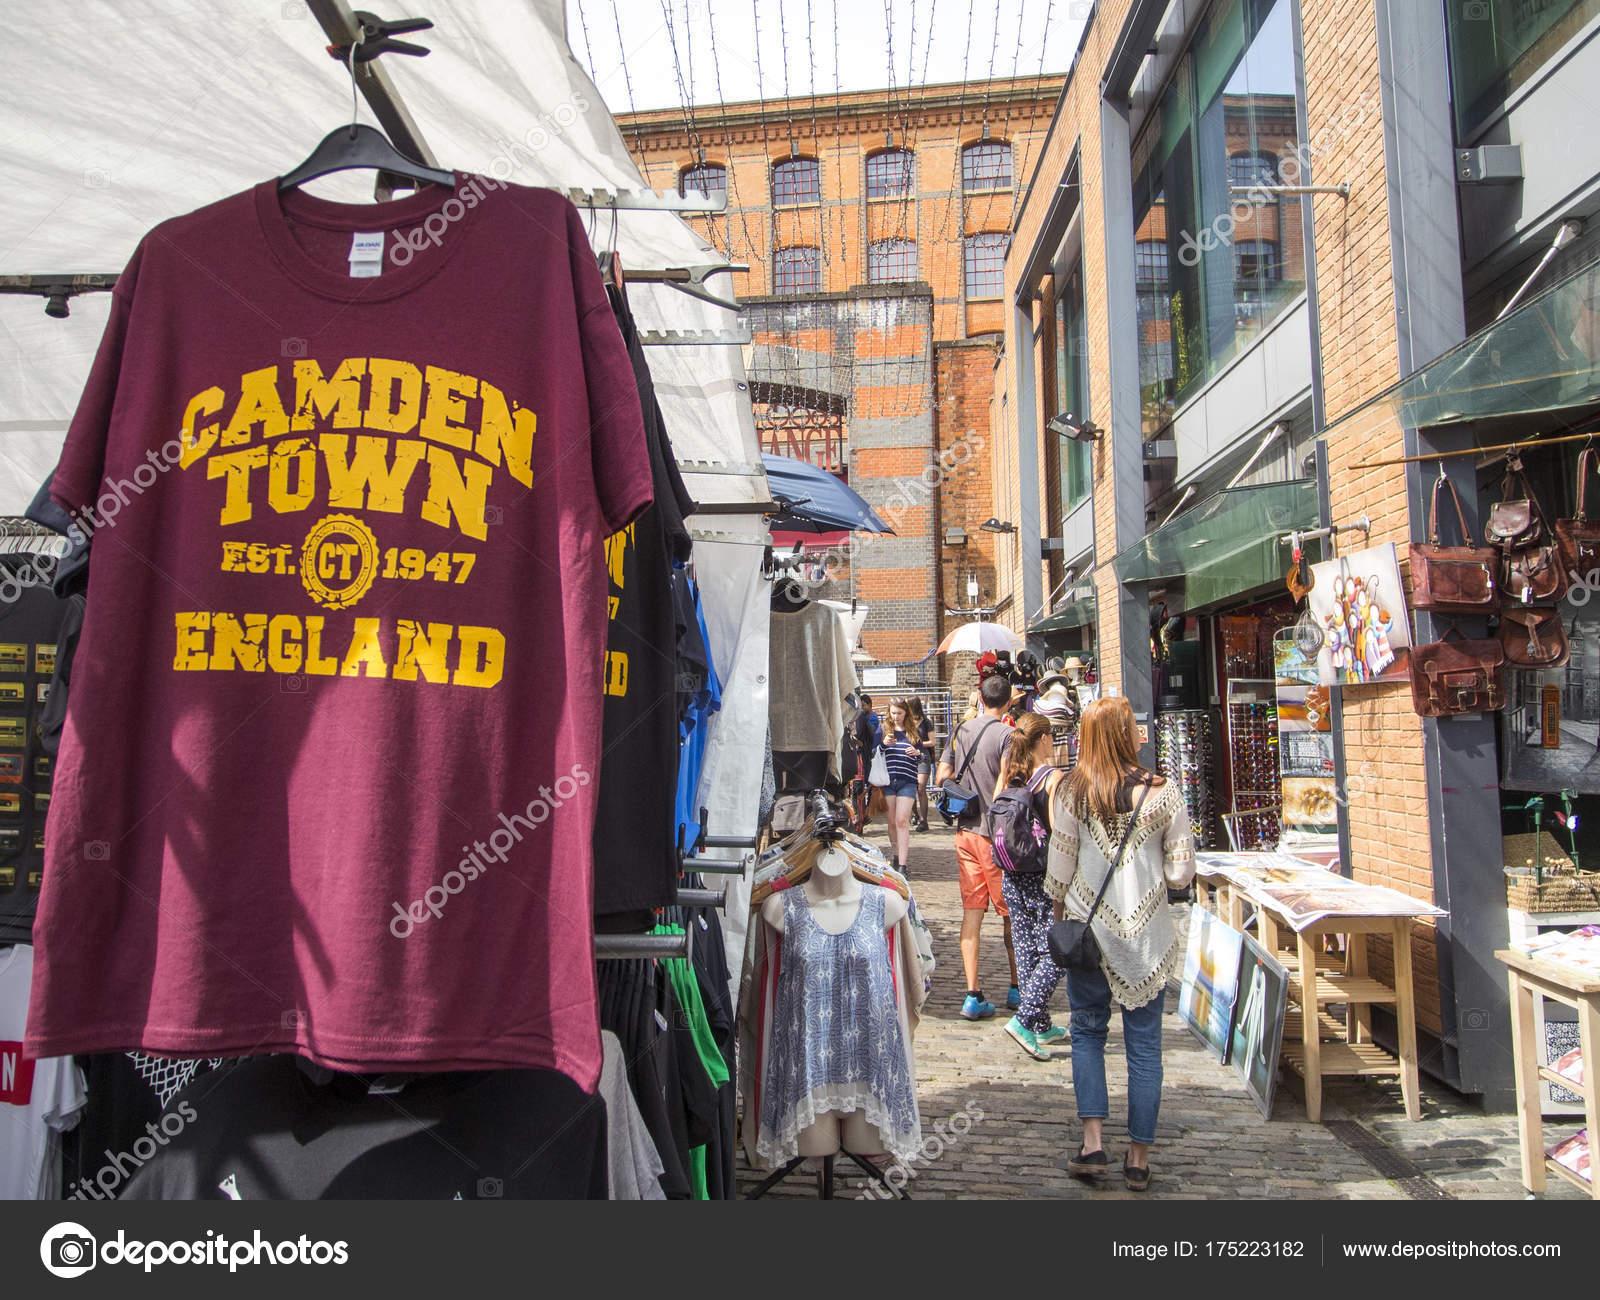 Лондон-Таун (London Town, 2016) новые фото